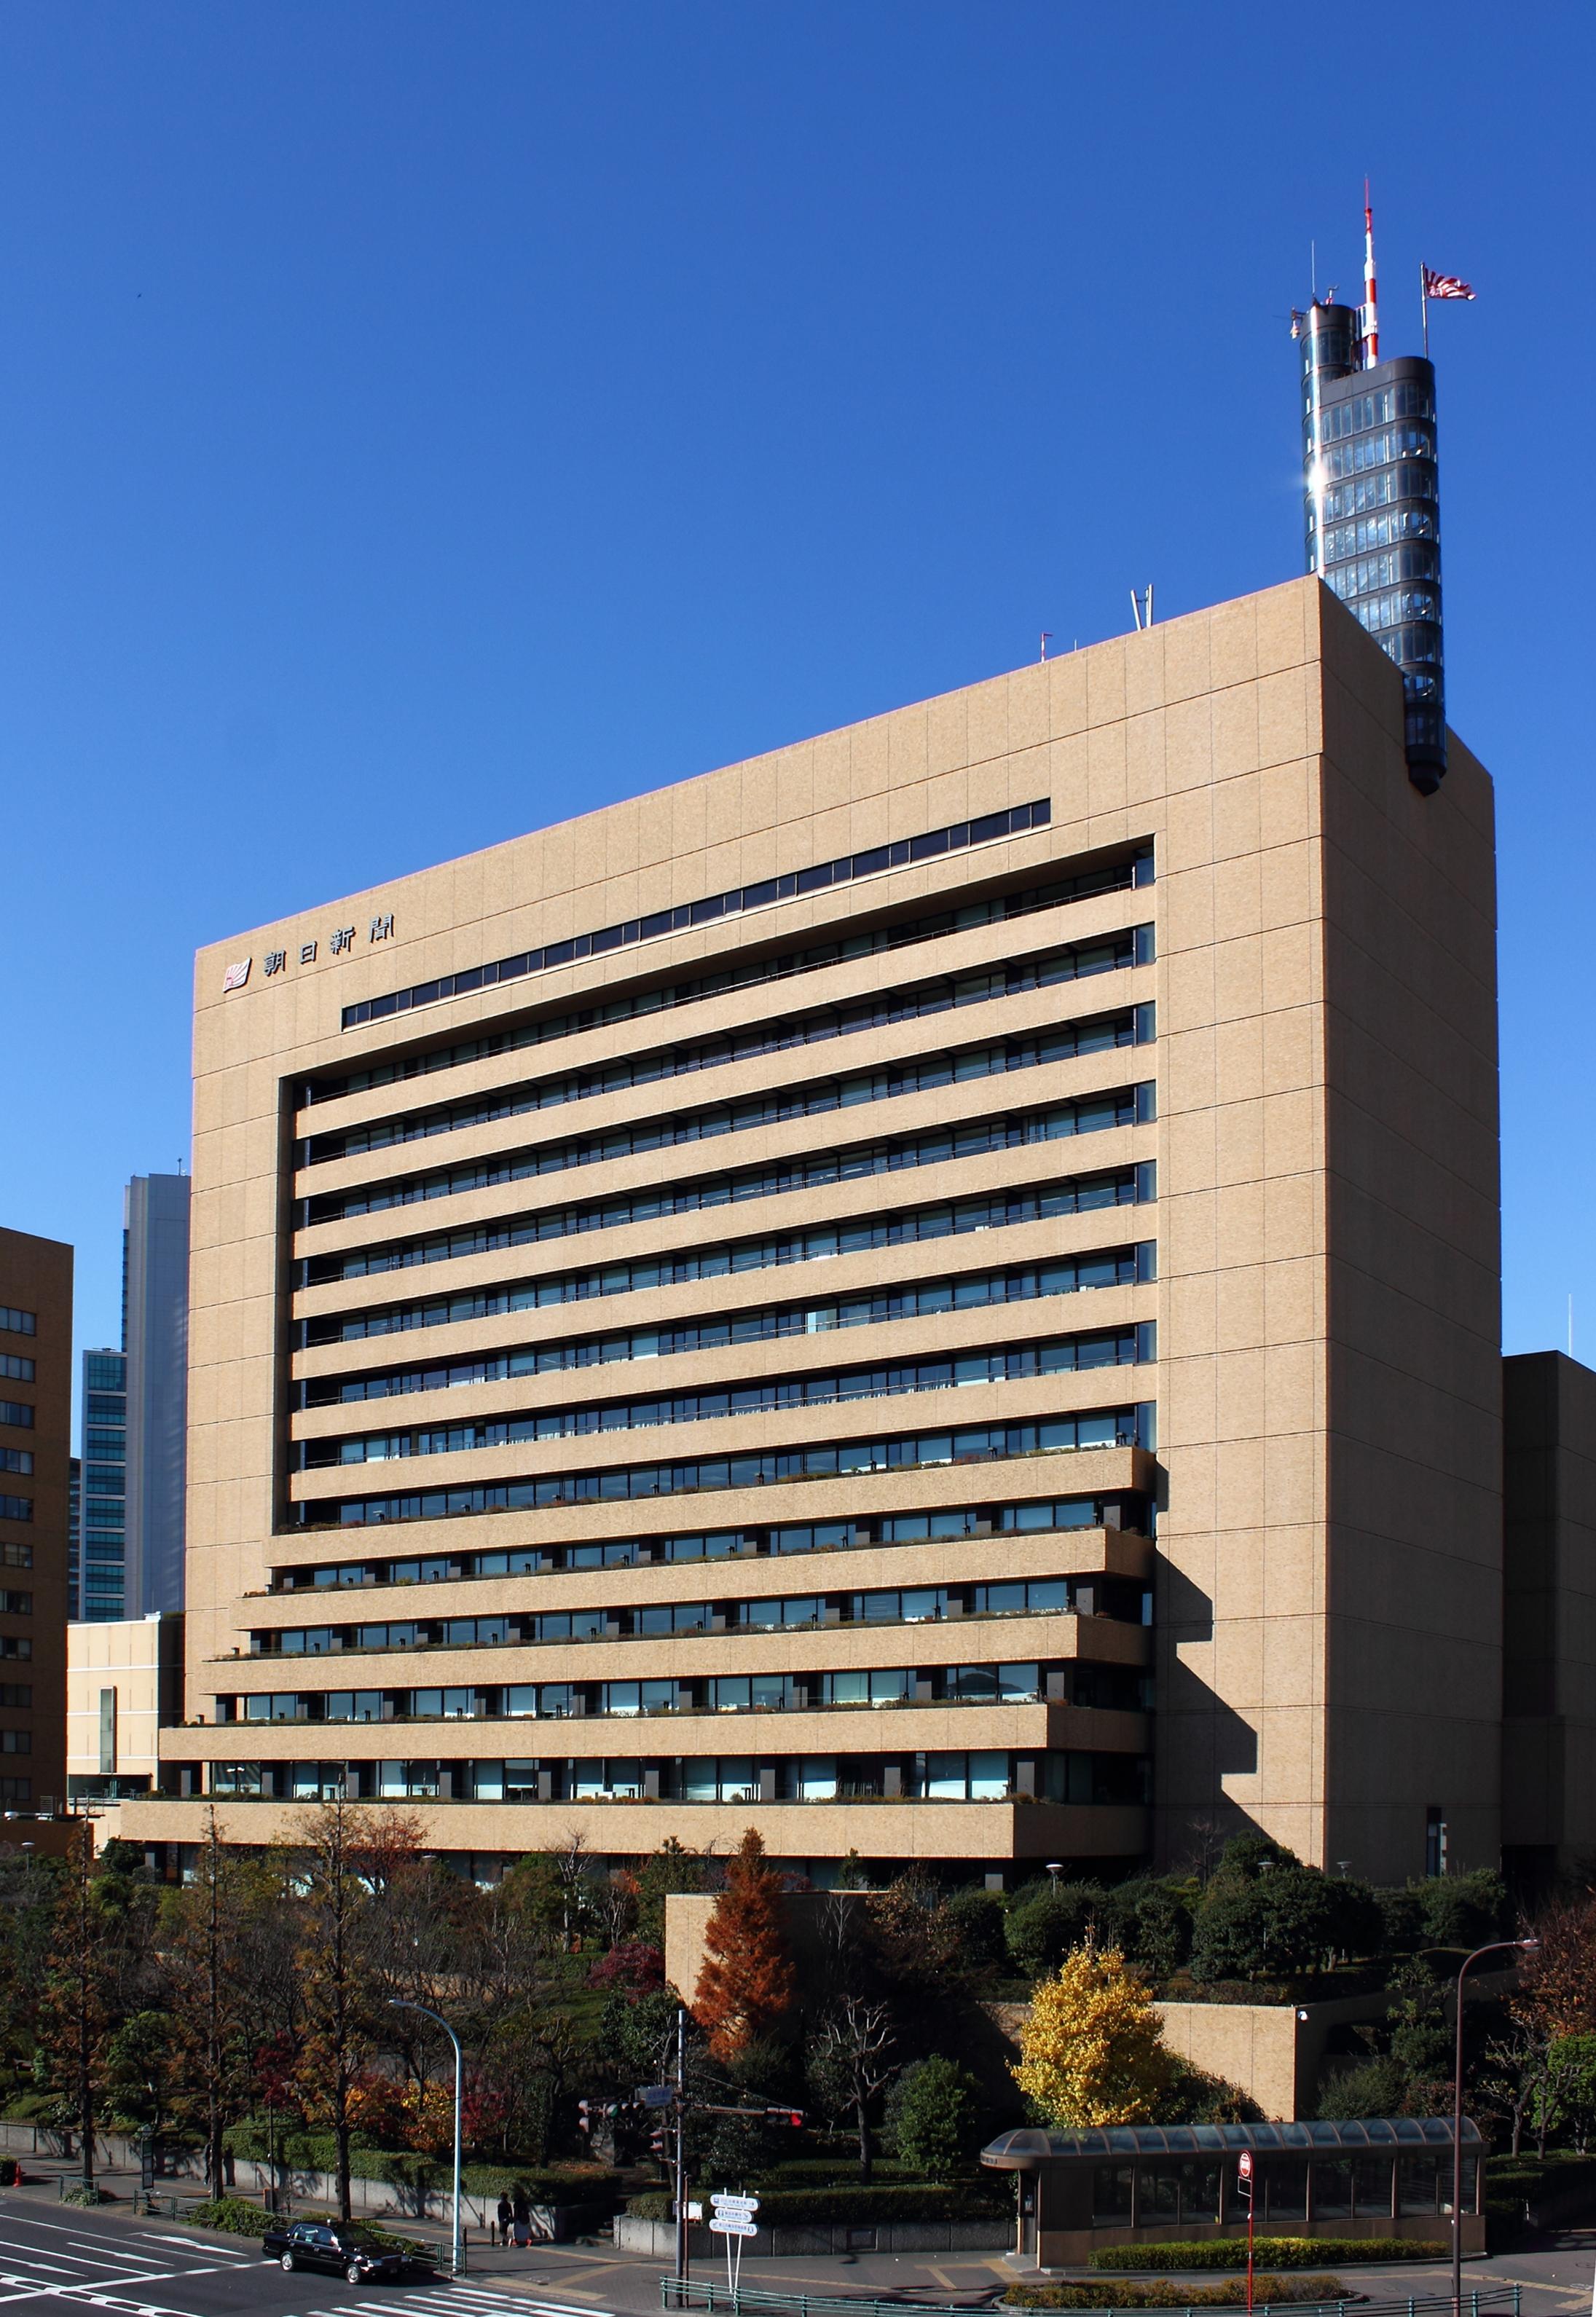 朝日新聞東京本社 - Wikipedia